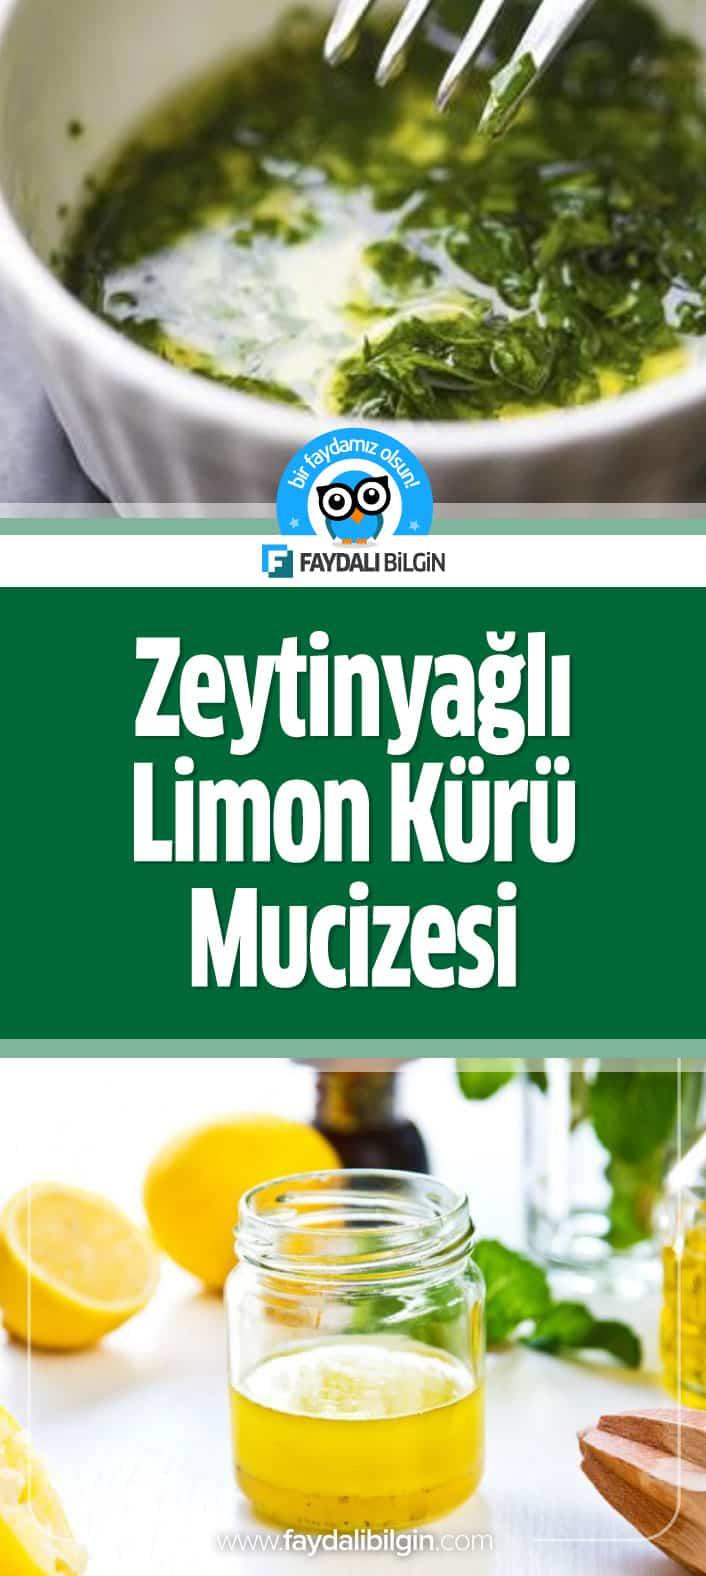 Zeytinyağlı Limon Kürünün Faydaları